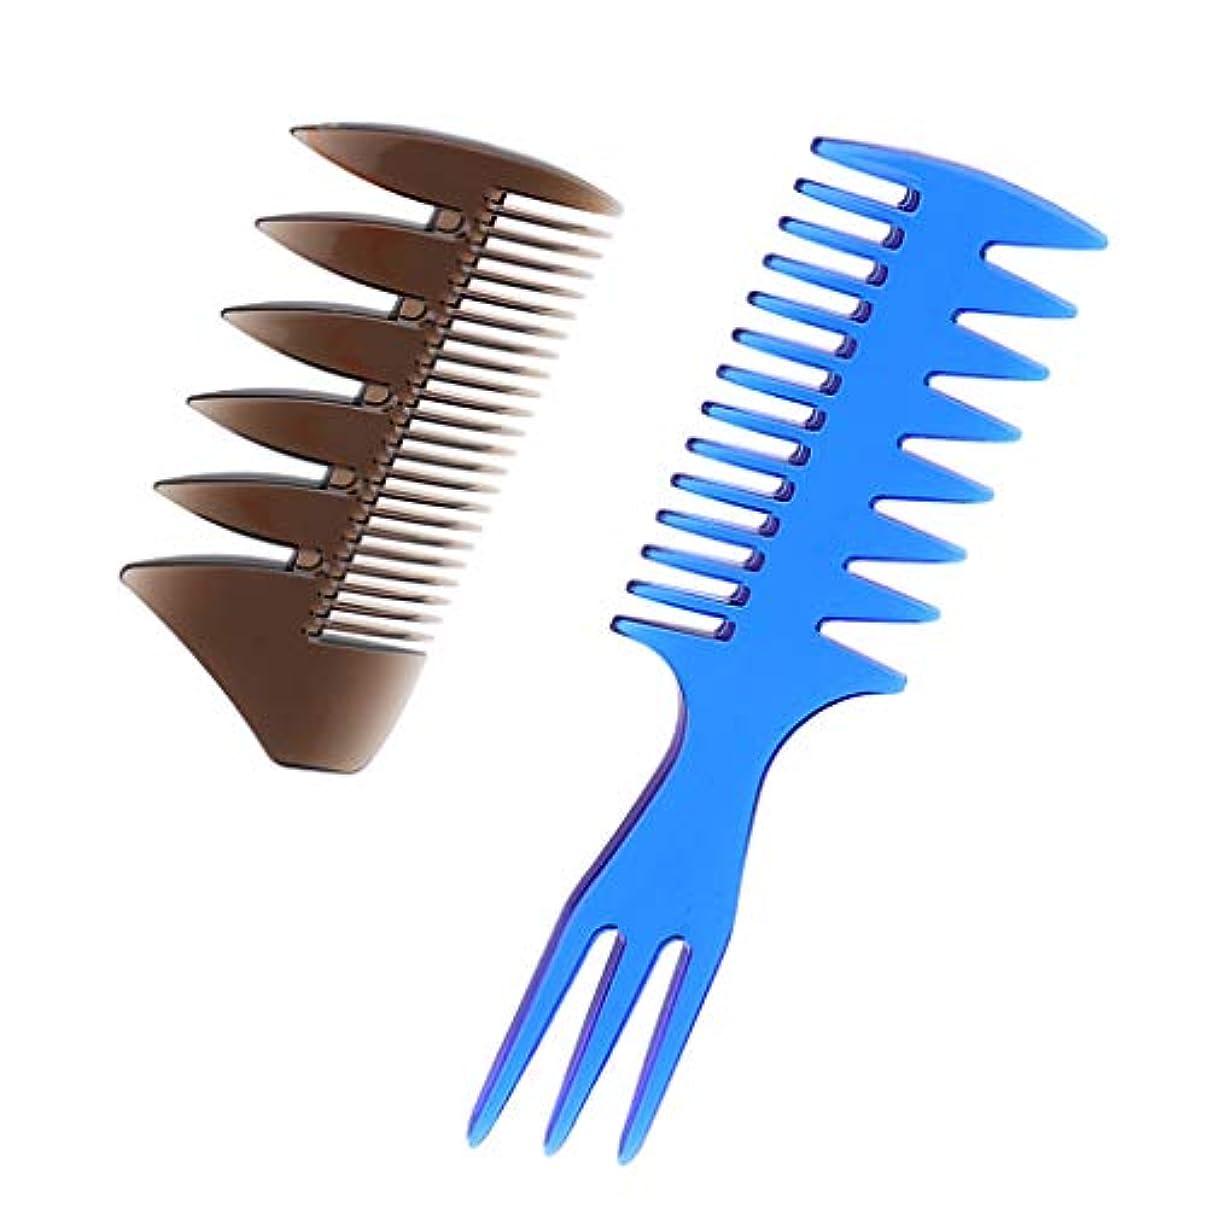 風刺お嬢ヒューズToygogo 2ピースデュアルサイドおよび3ウェイメンズオイルヘアピックコームサロンダイサロン理髪スタイリング